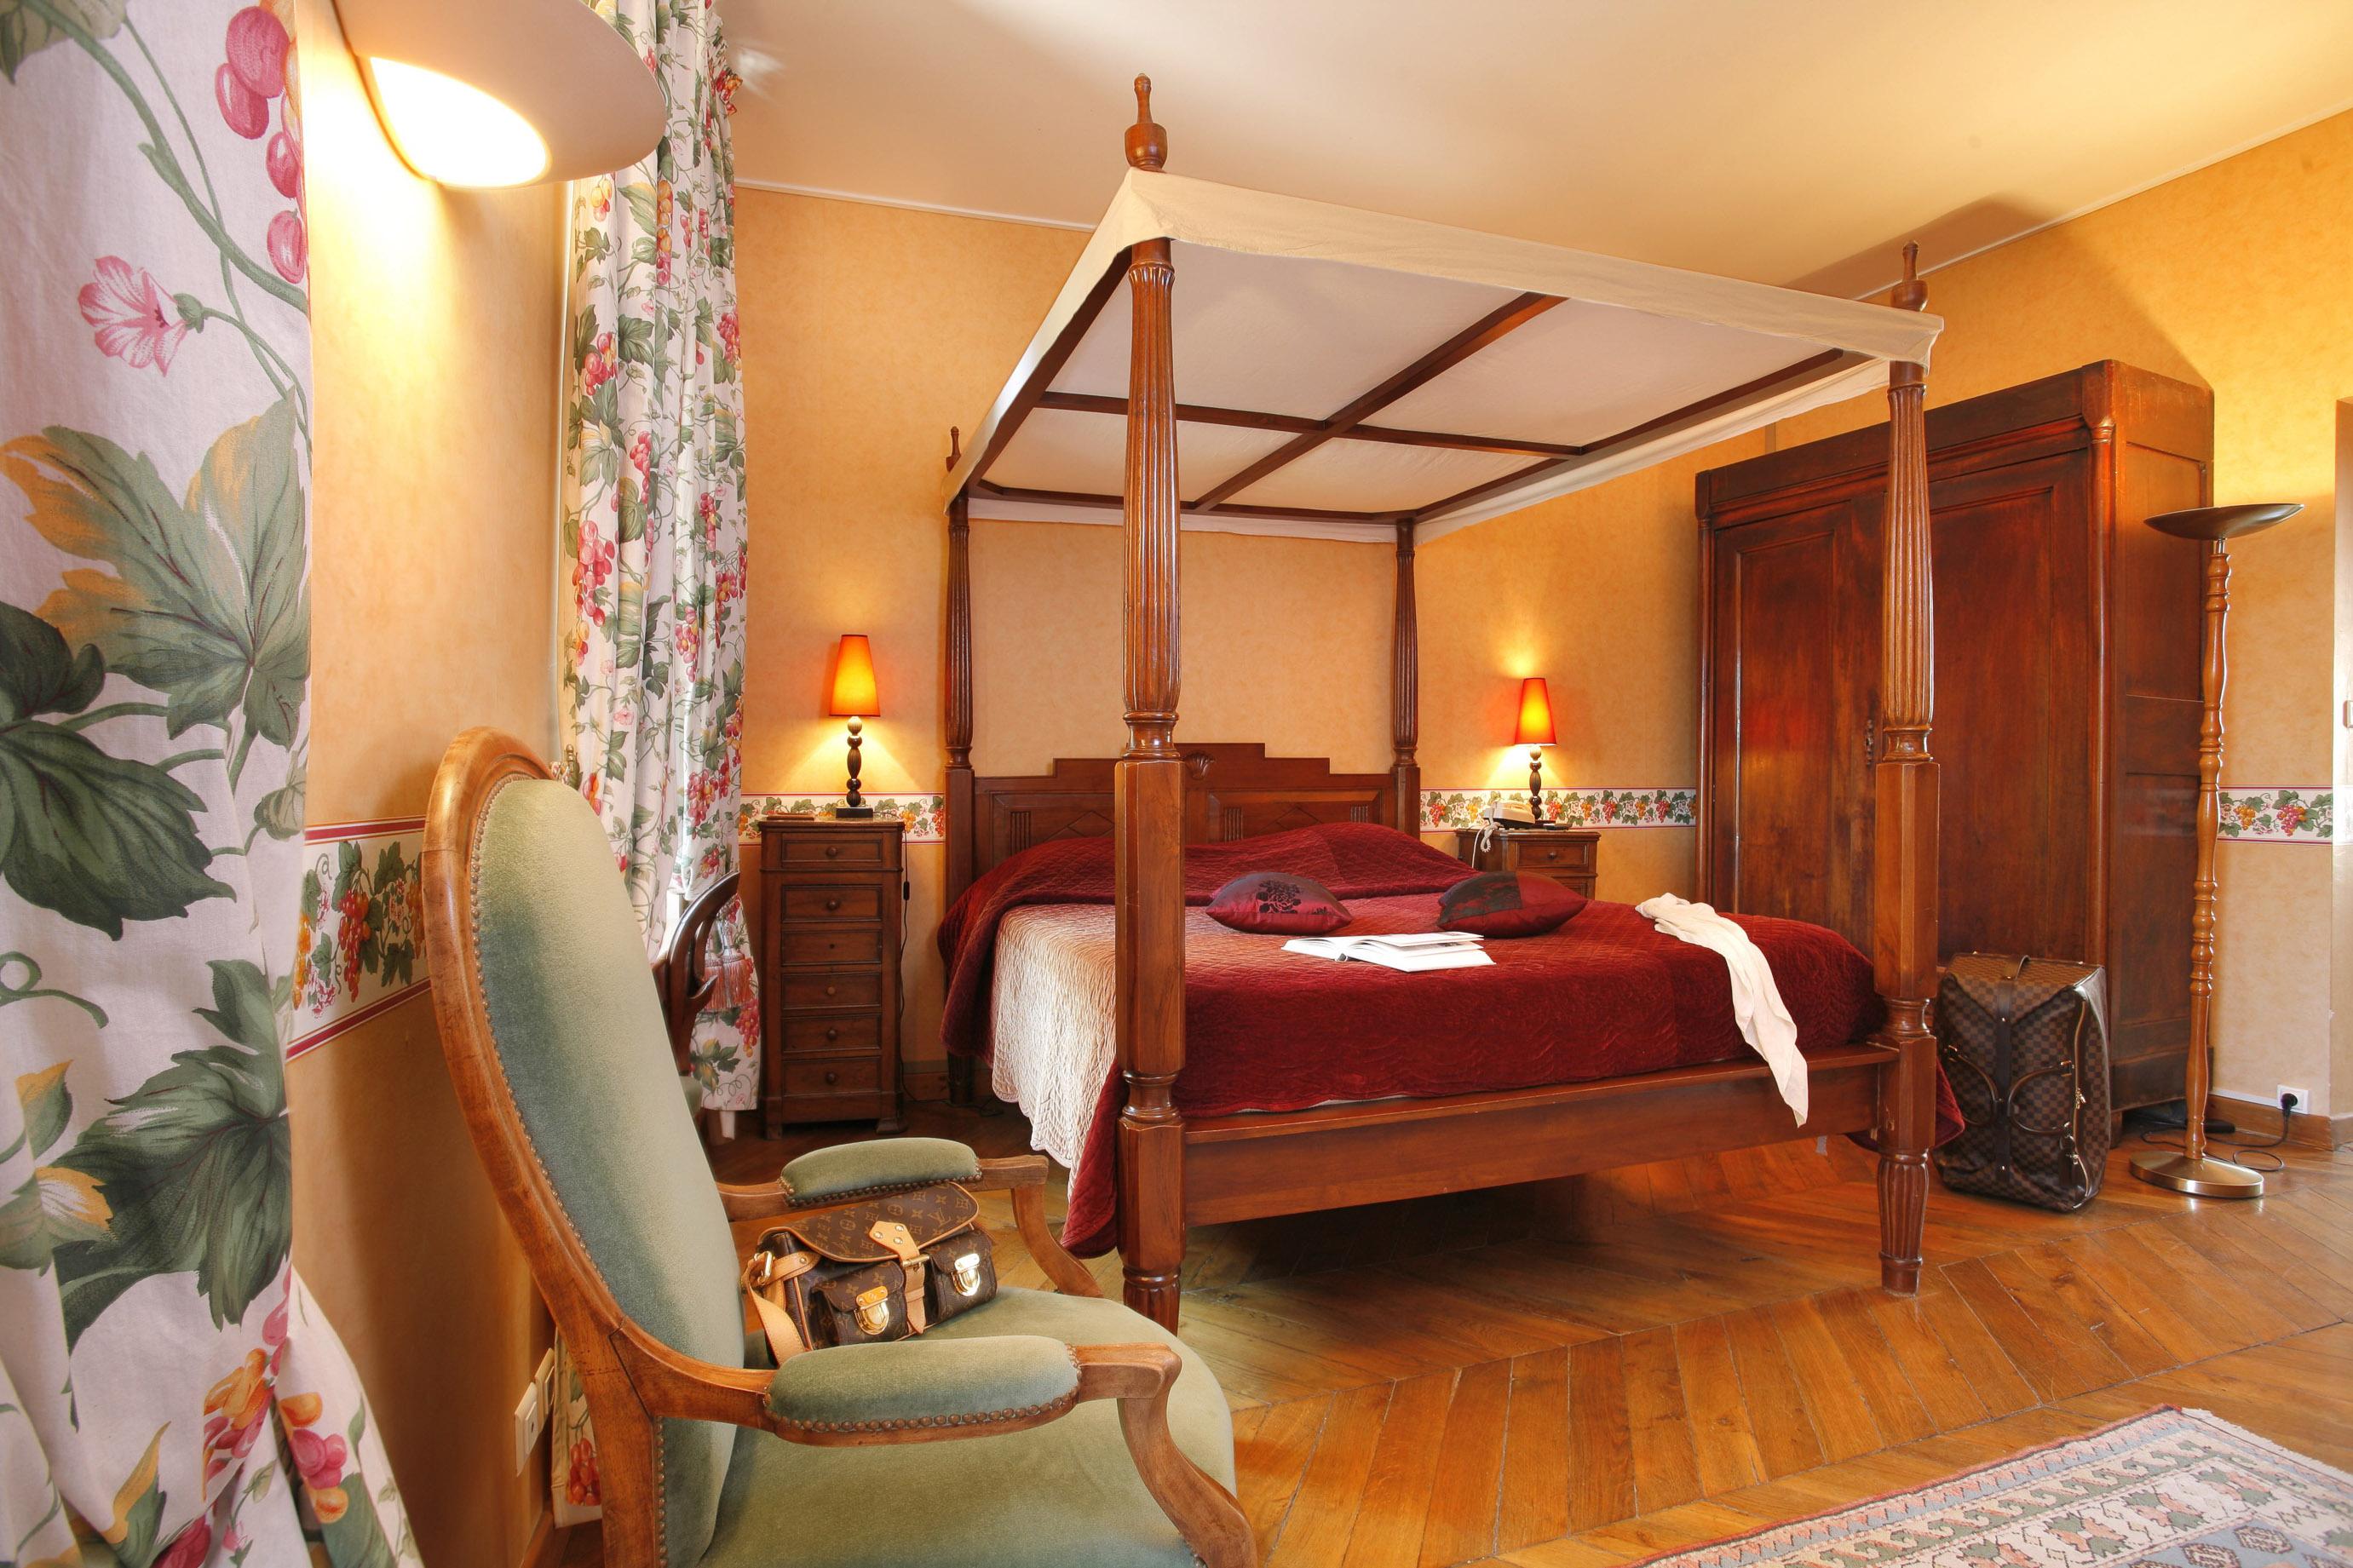 莎波城堡 四星级酒店 舒适型房间 位于 Vignieu l'Isère (38)